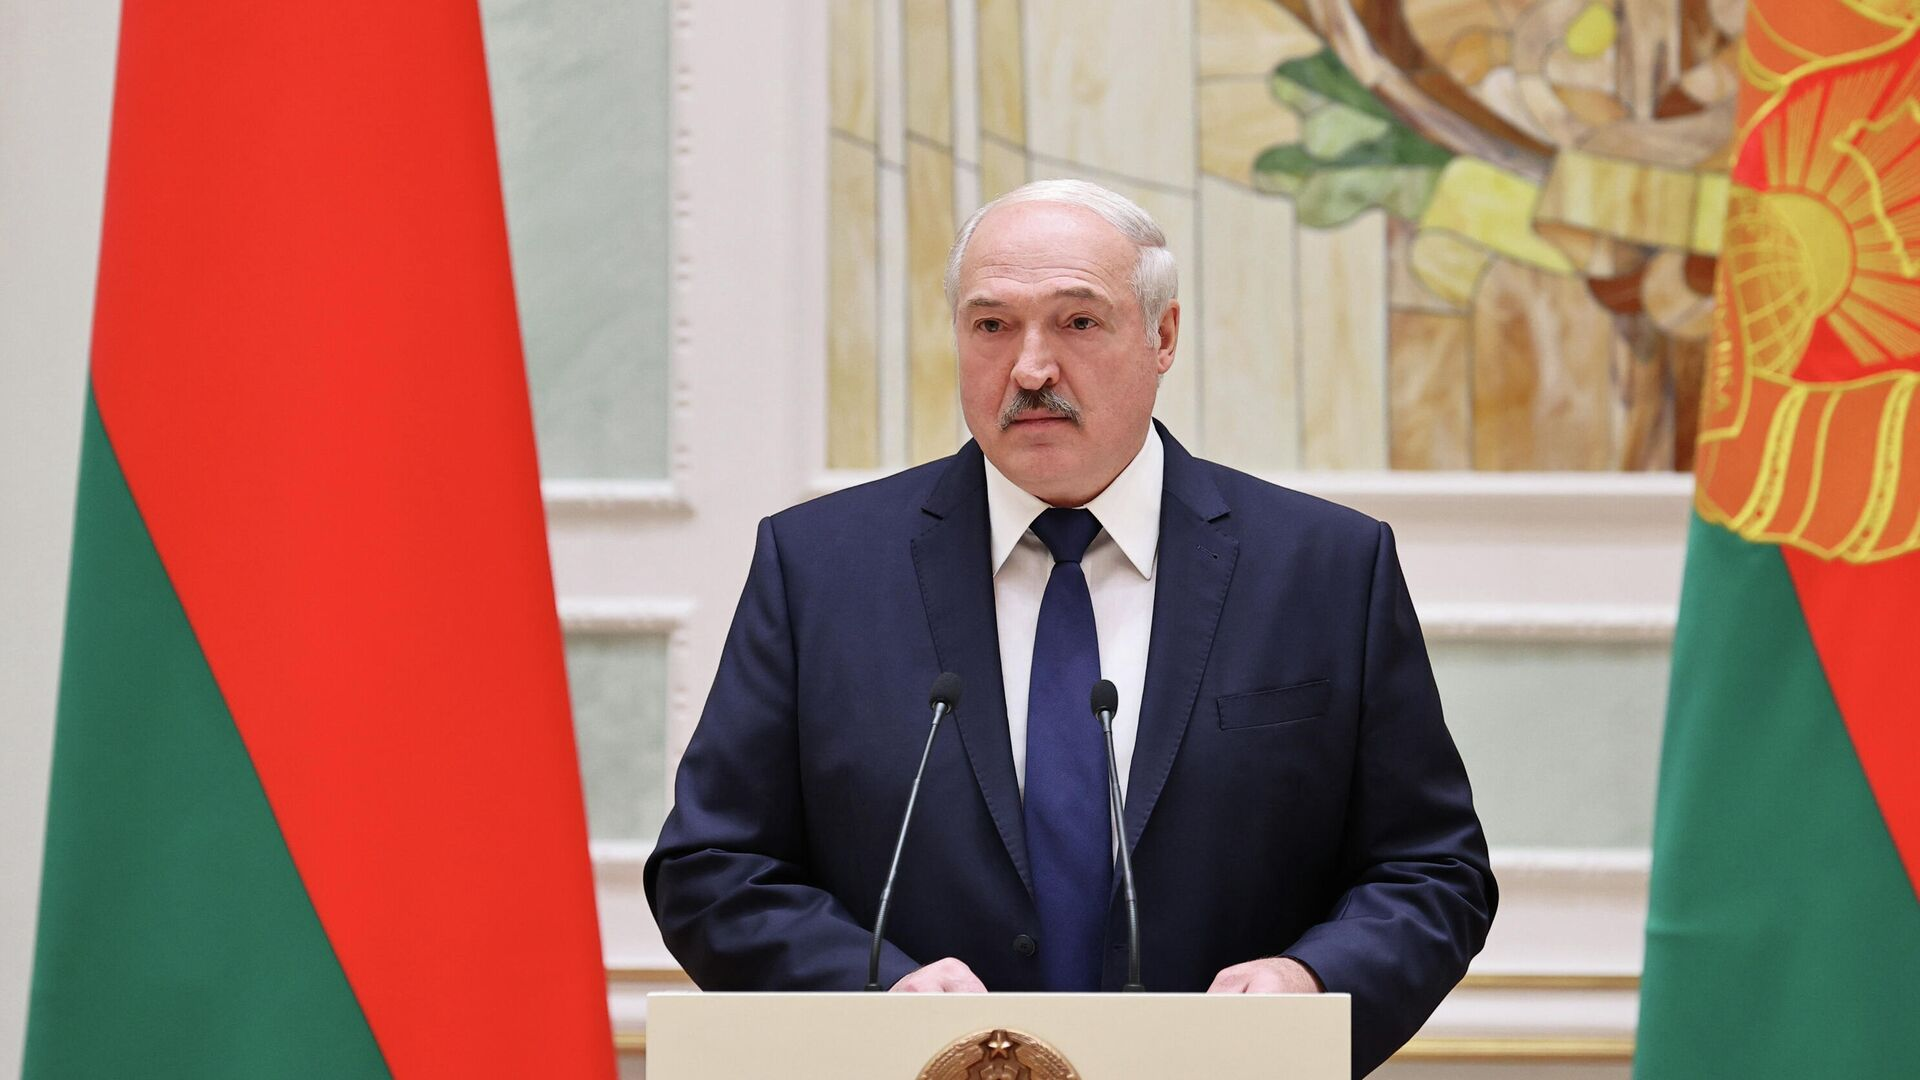 Президент Белоруссии Александр Лукашенко - РИА Новости, 1920, 29.12.2020